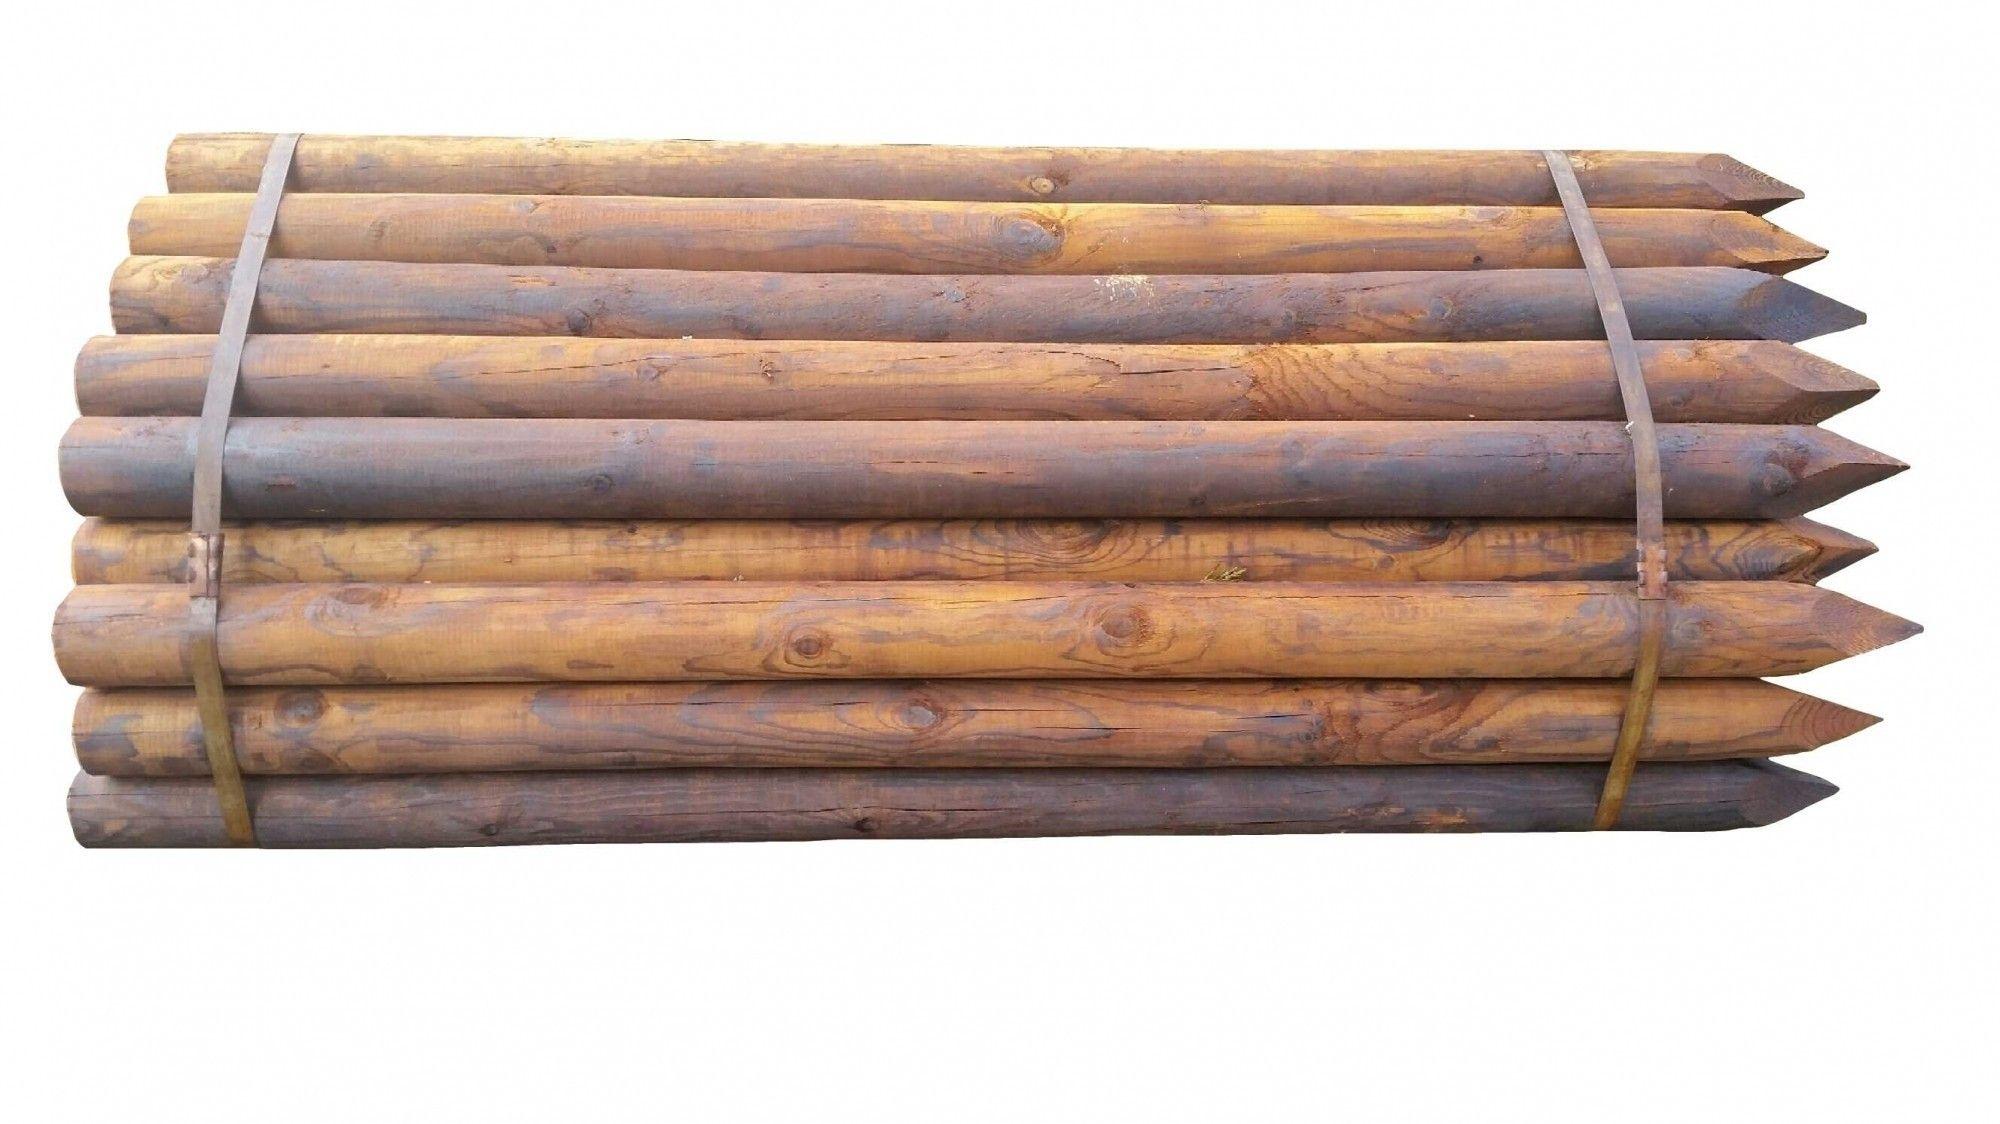 Houten paal Gecreosoteerd 160 x 7.5cm rond gefreesd